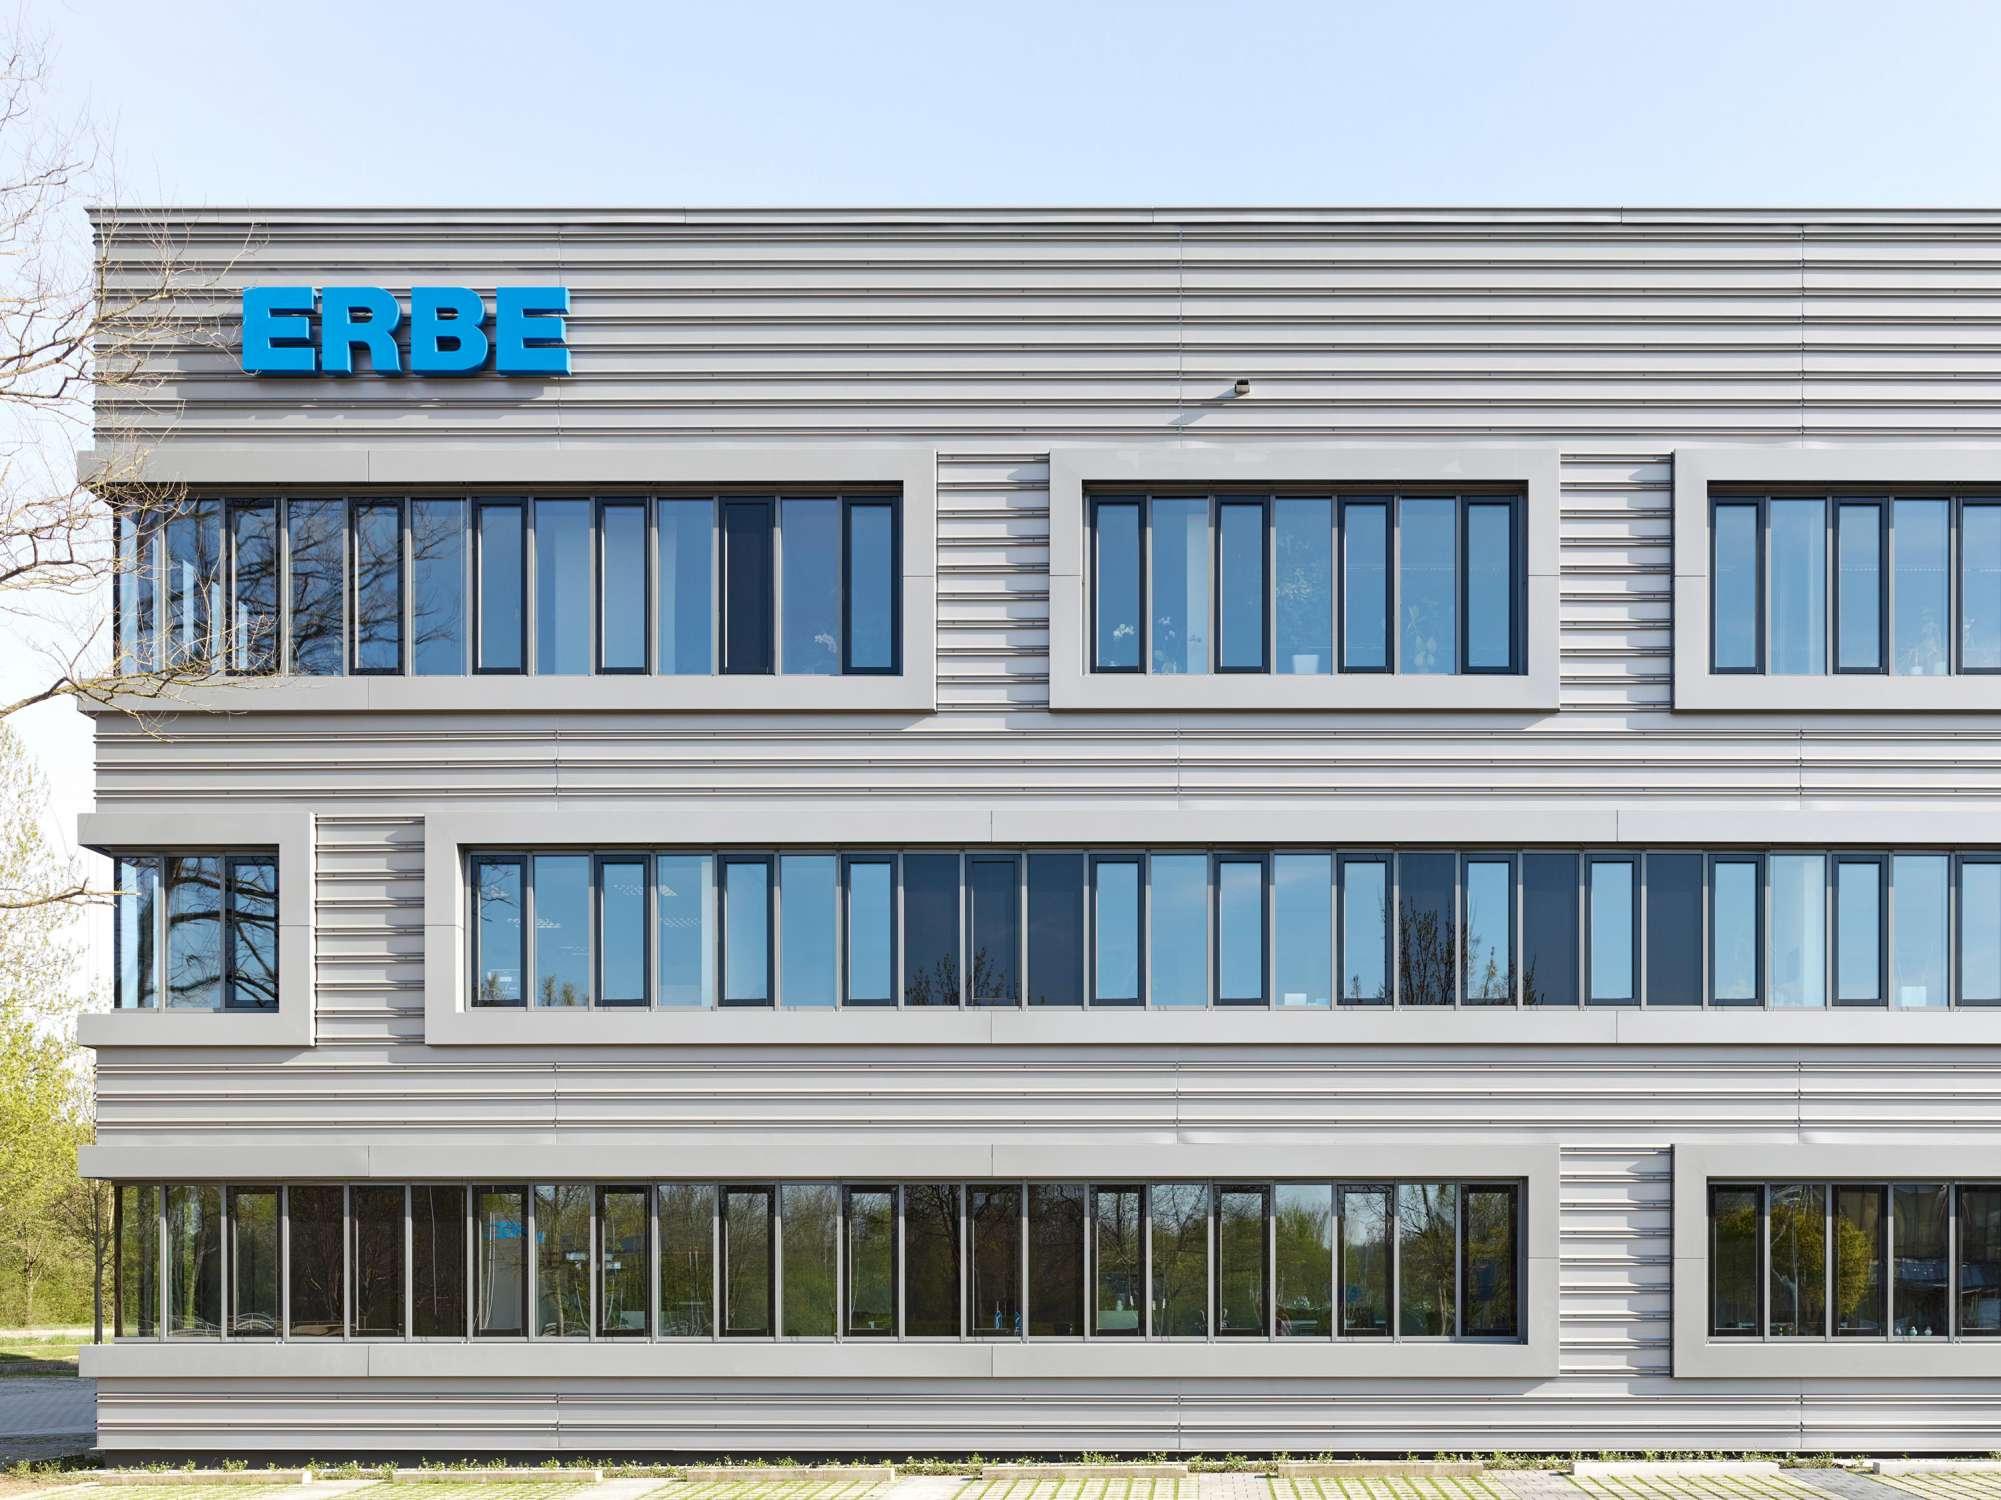 Umbau und energetische Sanierung Verwaltungsgebäude (2)